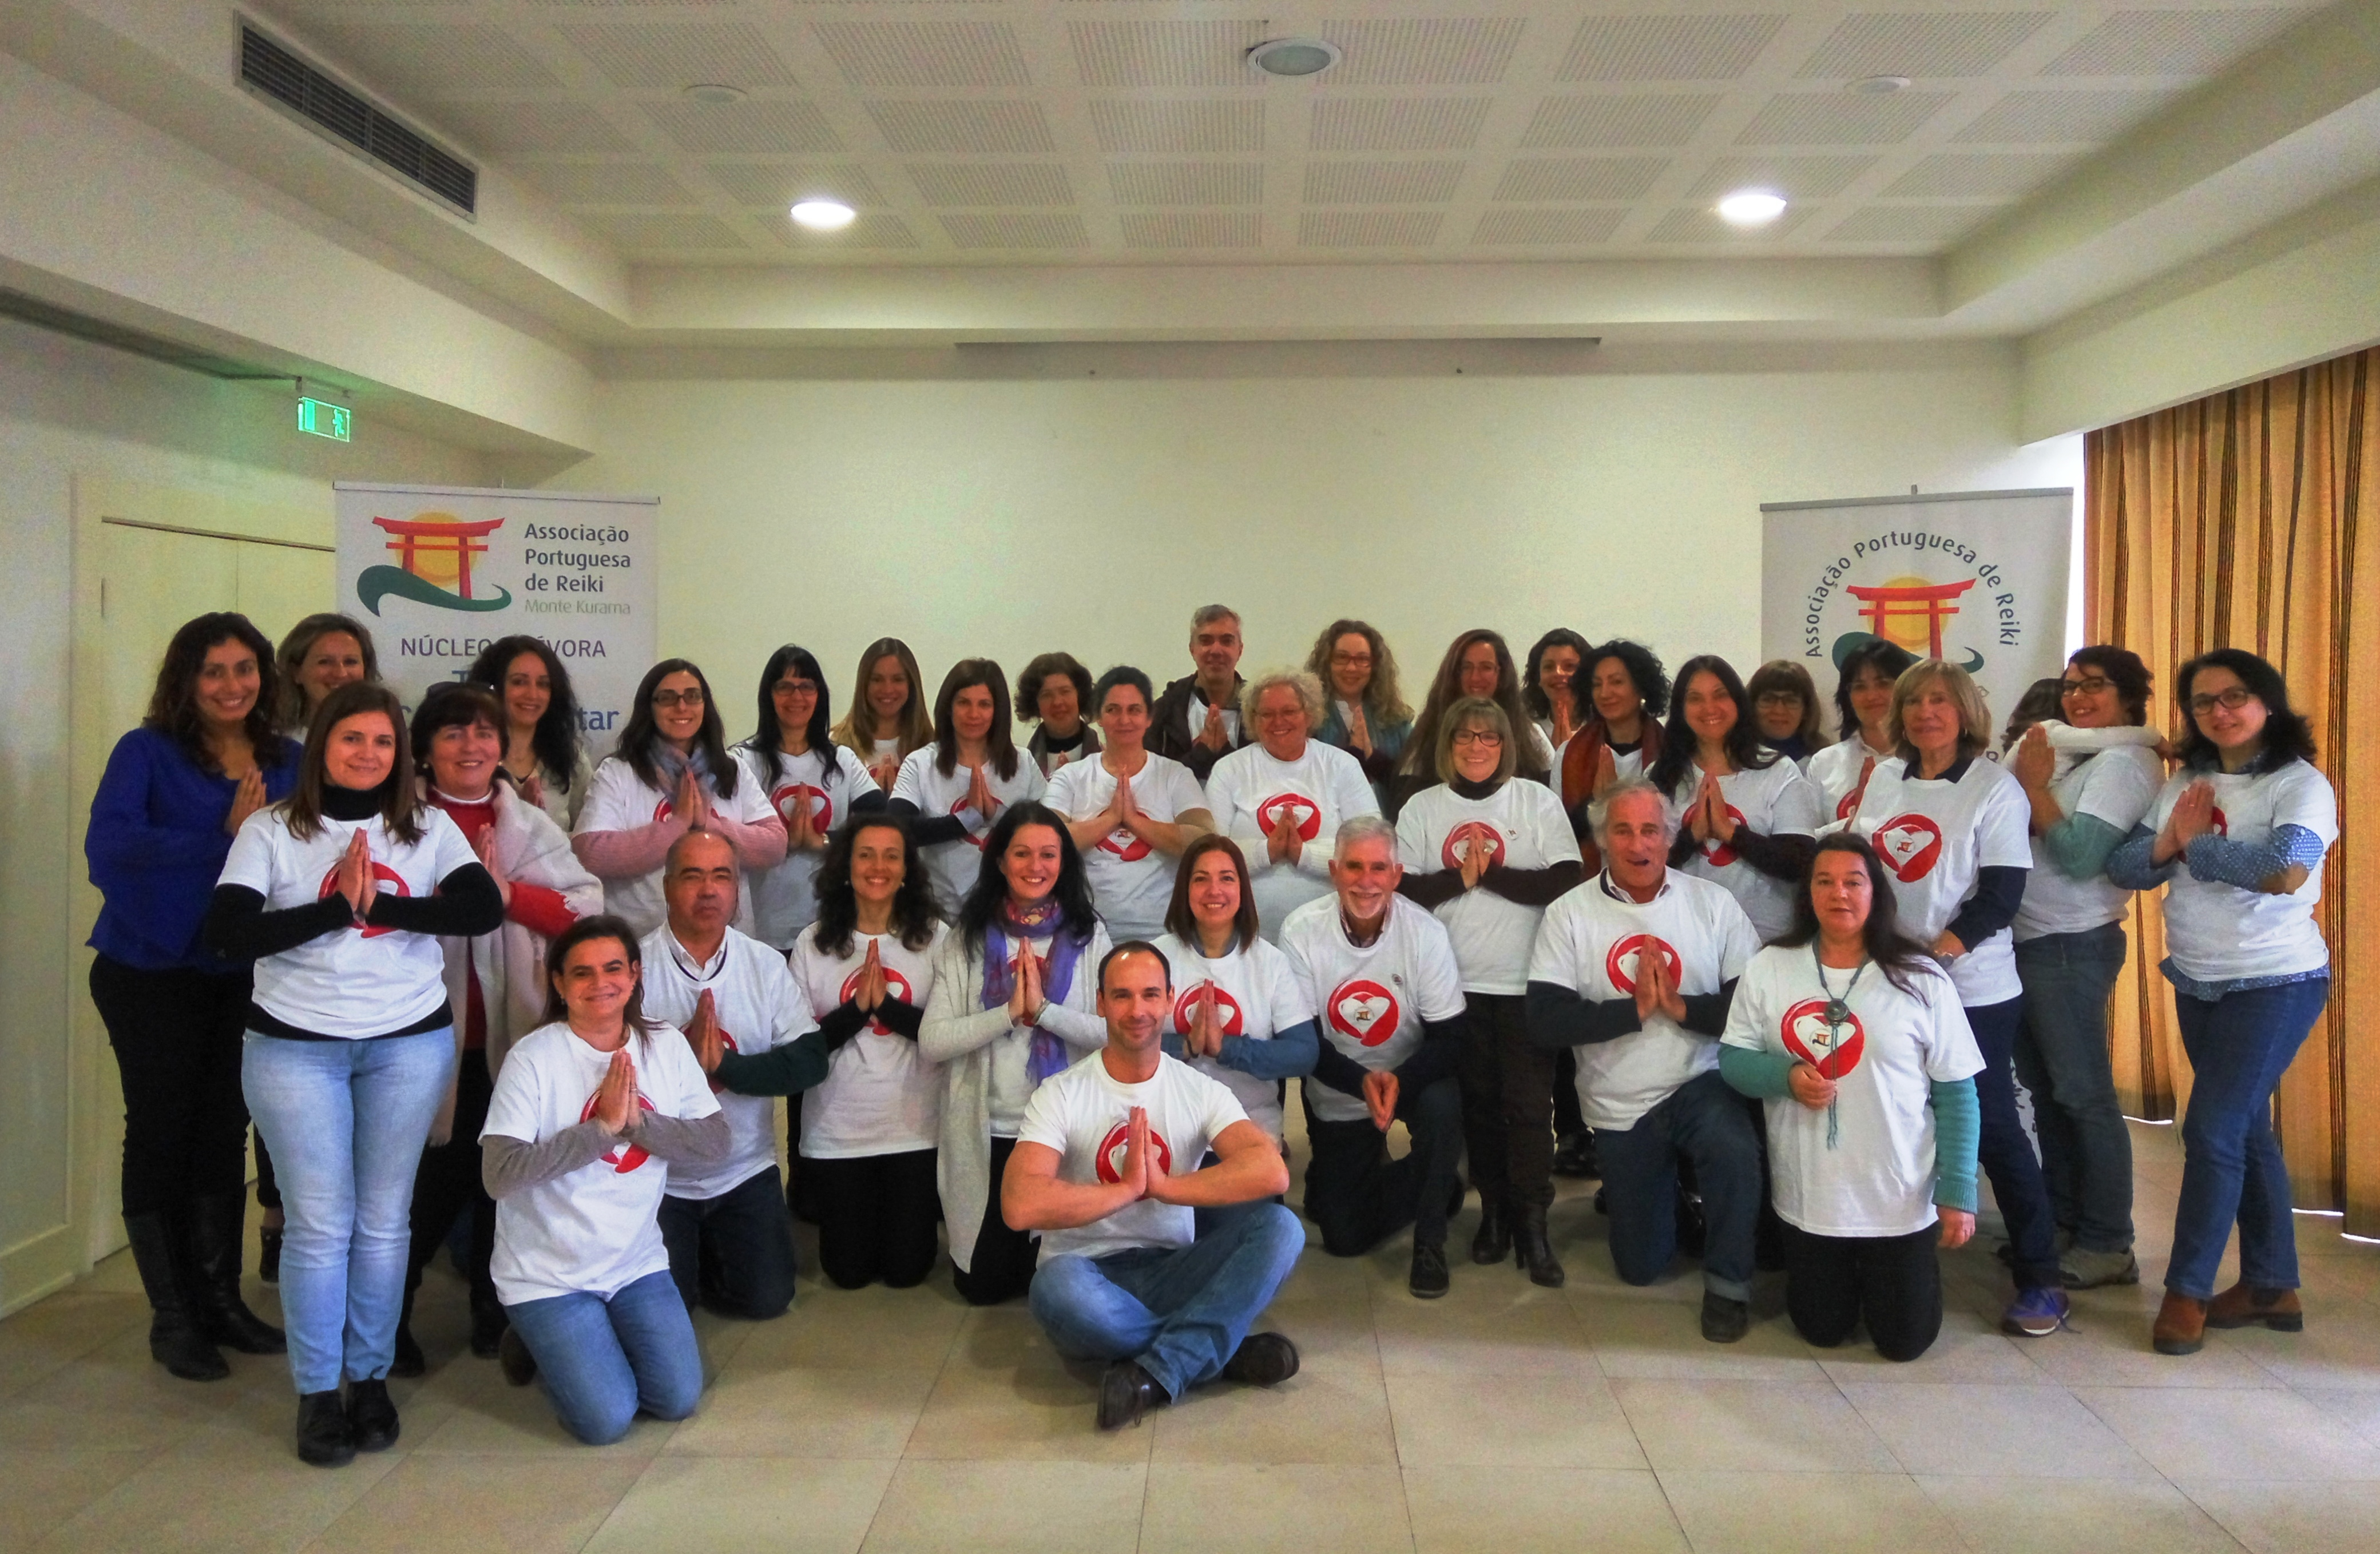 Curso e encontro de voluntariado de Reiki em Évora 2017